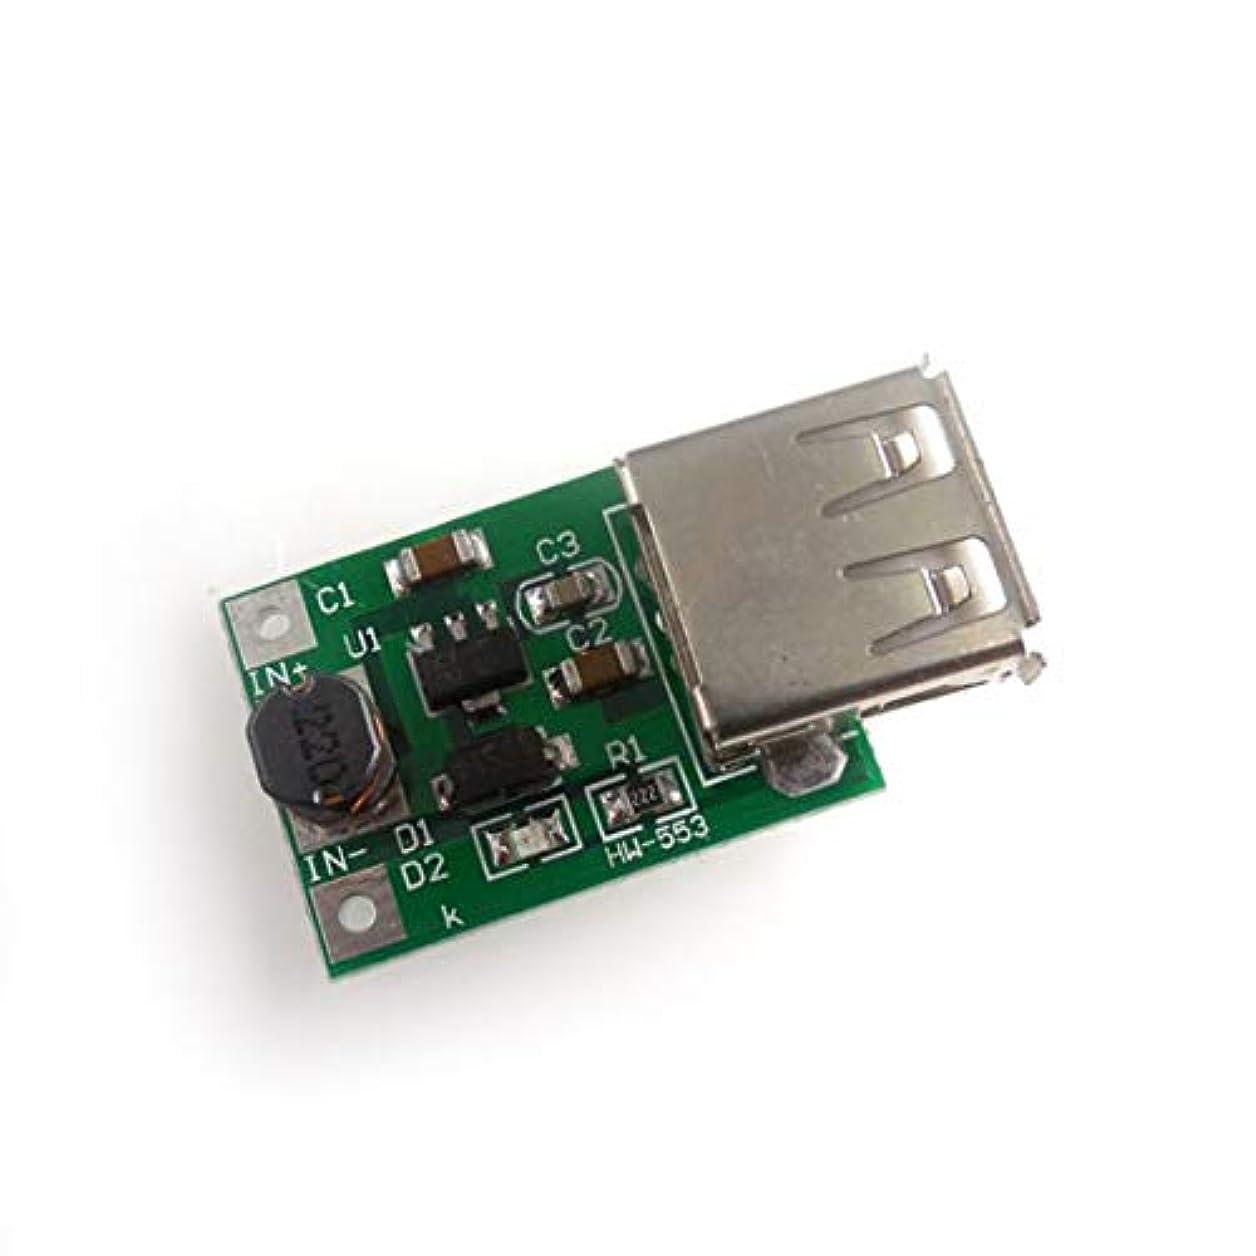 キルトインストール破壊的HW-553 PFM 600MA Control DC-DC Converter Step Up Boost Module 0.9V-5V to 5V Power Supply Module Boost Circuit Board-グリーン